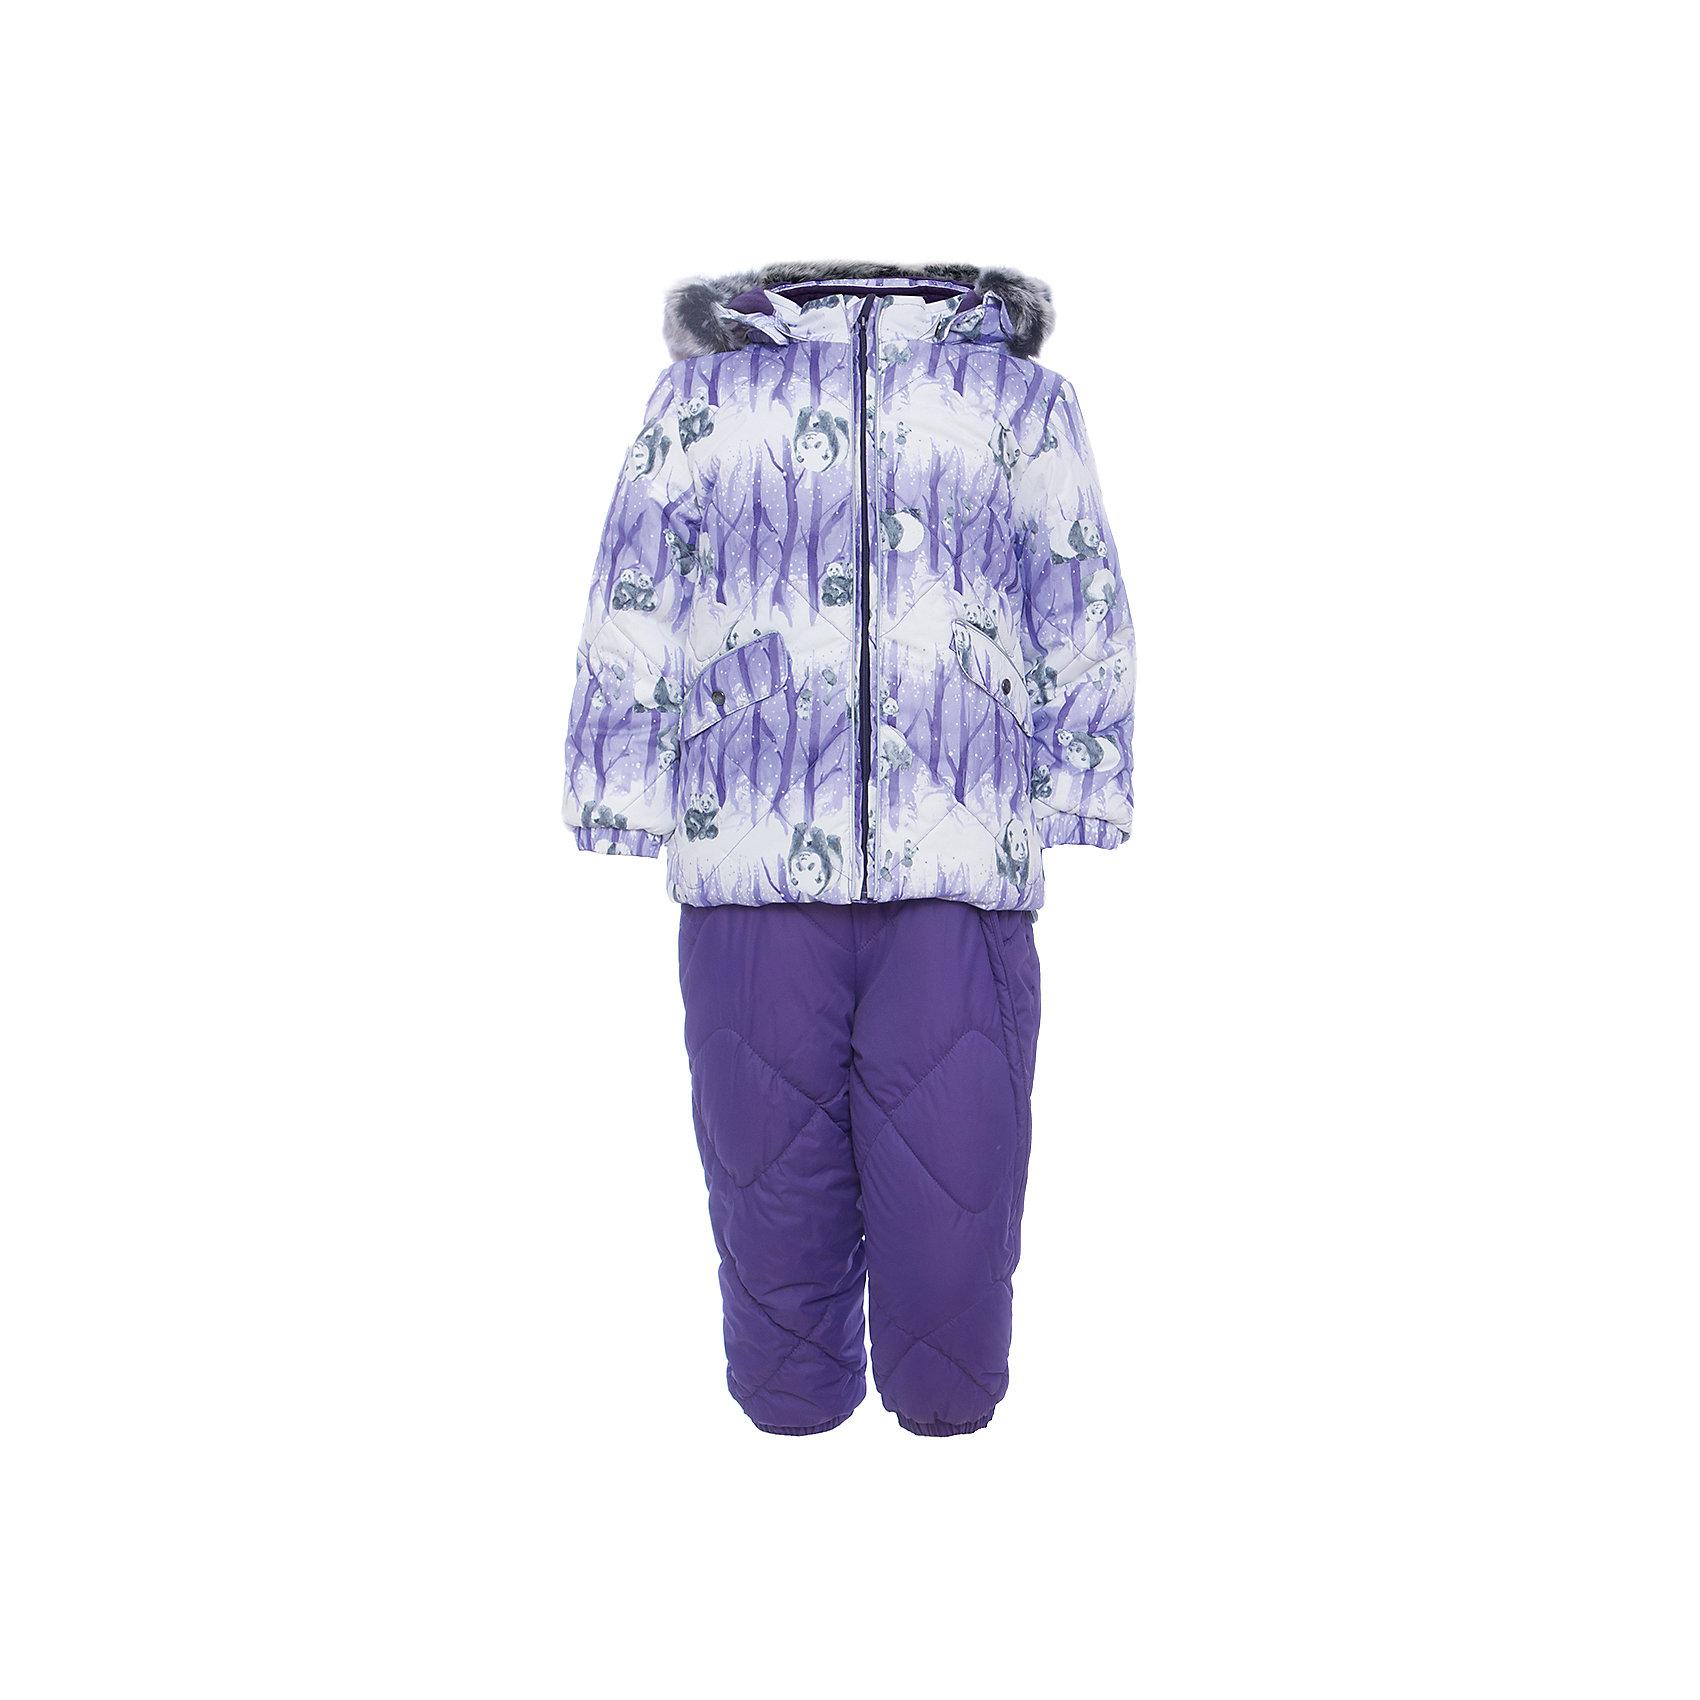 Комплект: куртка и брюки NOELLE 1 HuppaКомплекты<br>Характеристики товара:<br><br>• модель: Noelle 1;<br>• цвет: фиолетовый;<br>• состав: 100% полиэстер;<br>• утеплитель: полиэстер, 300 гр куртка / 160гр брюки;<br>• подкладка: куртка: полиэстер - тафта / полукомбинезон: 100% хлопок - фланель;<br>• сезон: зима;<br>• температурный режим: от -5 до - 30С;<br>• водонепроницаемость: 5000 мм  ;<br>• воздухопроницаемость: 5000 г/м2/24ч;<br>• водо- и ветронепроницаемый, дышащий и грязеотталкивающий материал;<br>• особенности модели: c рисунком; с мехом;<br>• капюшон при необходимости отстегивается;<br>• искусственный мех на капюшоне съемный ;<br>• защита подбородка от защемления;<br>• светоотражающих элементов для безопасности ребенка ;<br>• карманы на кнопках;<br>• манжеты рукавов на резинке; <br>• манжеты брюк на резинках;<br>• съемные силиконовые штрипки;<br>• внутренняя регулировка обхвата талии;<br>• страна бренда: Финляндия;<br>• страна изготовитель: Эстония.<br><br>Зимний комплект Noelle 1 для девочки бренда HUPPA влагонепроницаемый и дышащий. Куртка с утеплителем 300 гр и брюки с утеплителем 160 гр подойдут на температуру от -5 до -30 градусов. Подкладка —фланель - 100% хлопок,тафта.<br><br>Функциональные элементы: Куртка: капюшон отстегивается с помощью кнопок, мех отстегивается, защита подбородка от защемления, мягкая меховая подкладка, карманы на кнопках, манжеты на резинке, светоотражающие элементы. Брюки: регулируемые лямки, удлиненная косая молния, карман без застежек, подол штанин на резинке, съемные силиконовые штрипки, светоотражающие элементы. <br><br>Зимний комплект Noelle 1 для девочки бренда HUPPA  можно купить в нашем интернет-магазине.<br><br>Ширина мм: 356<br>Глубина мм: 10<br>Высота мм: 245<br>Вес г: 519<br>Цвет: лиловый<br>Возраст от месяцев: 36<br>Возраст до месяцев: 48<br>Пол: Унисекс<br>Возраст: Детский<br>Размер: 104,80,86,92,98<br>SKU: 7024684